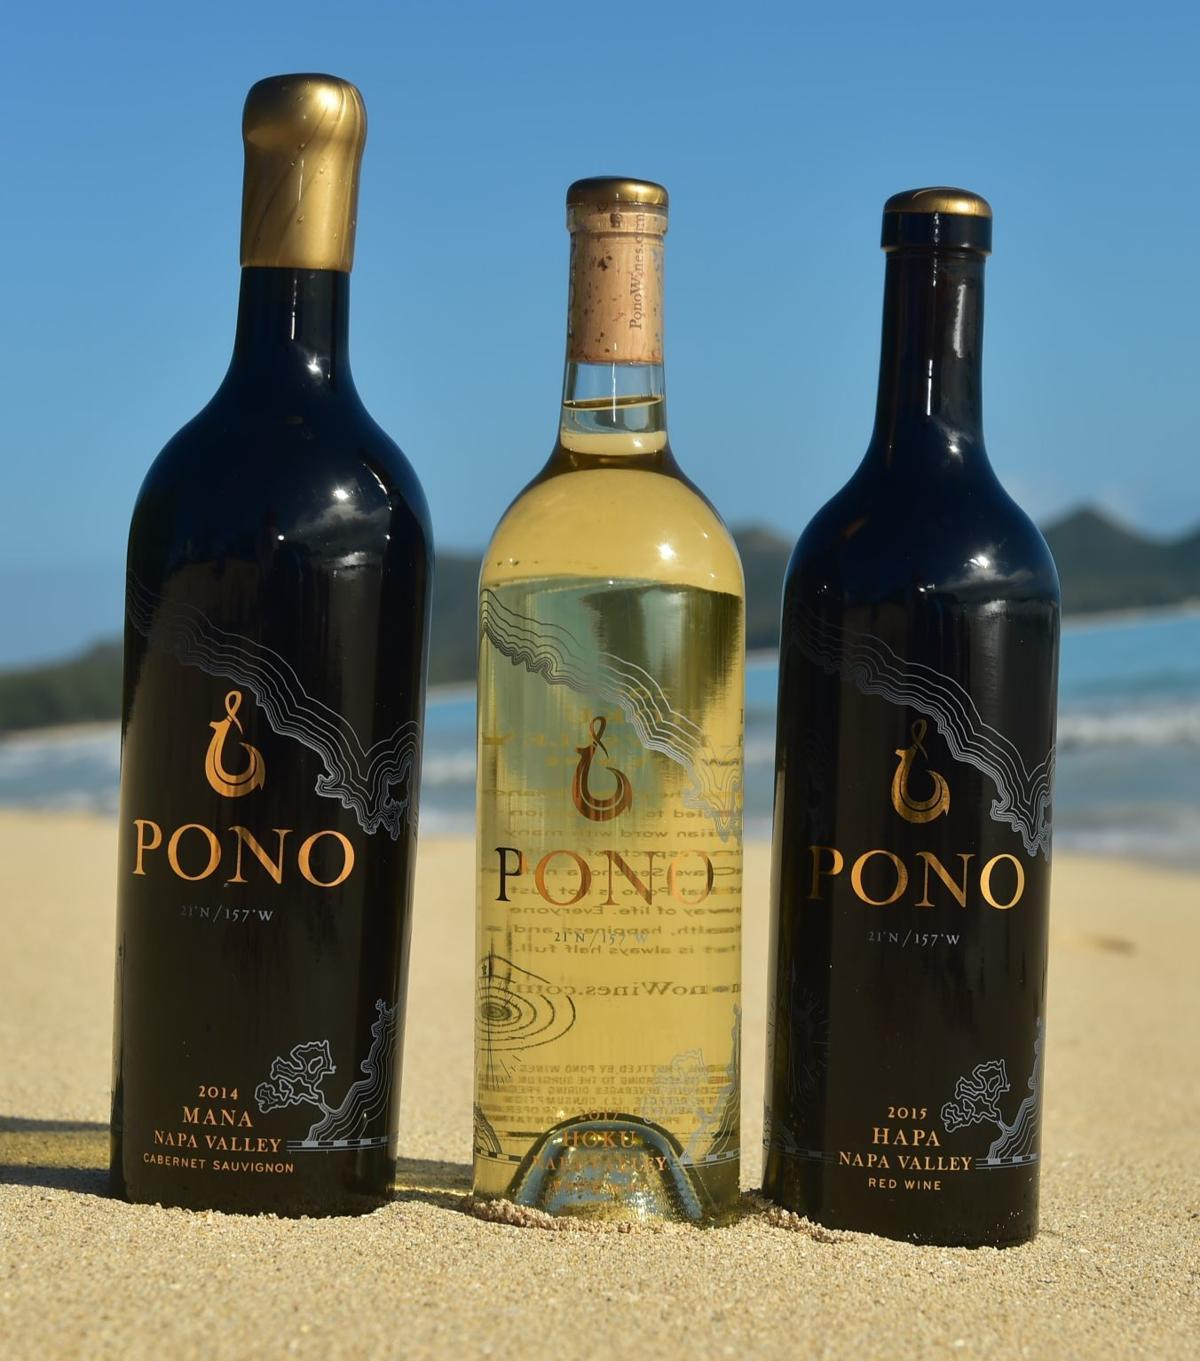 Pono wines